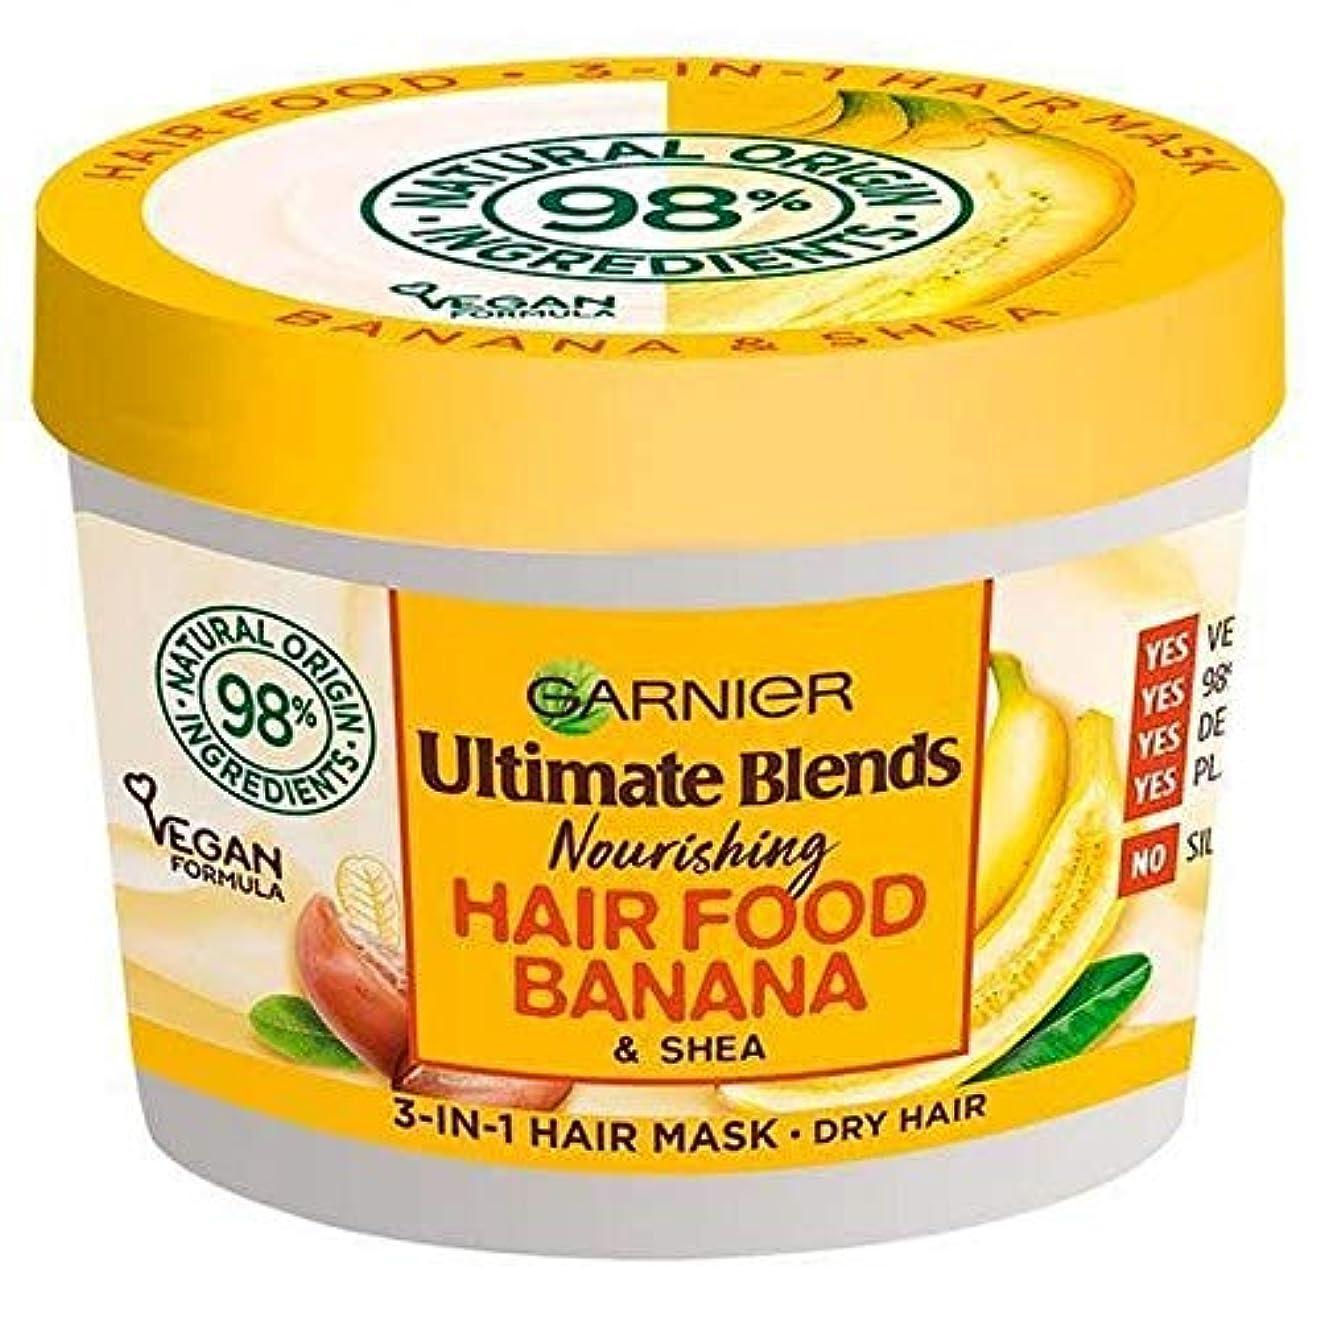 オリエント長さ重量[Garnier ] ガルニエ究極は1つのマスク390ミリリットルでヘア食品バナナ3をブレンド - Garnier Ultimate Blends Hair Food Banana 3 in 1 Mask 390ml [...